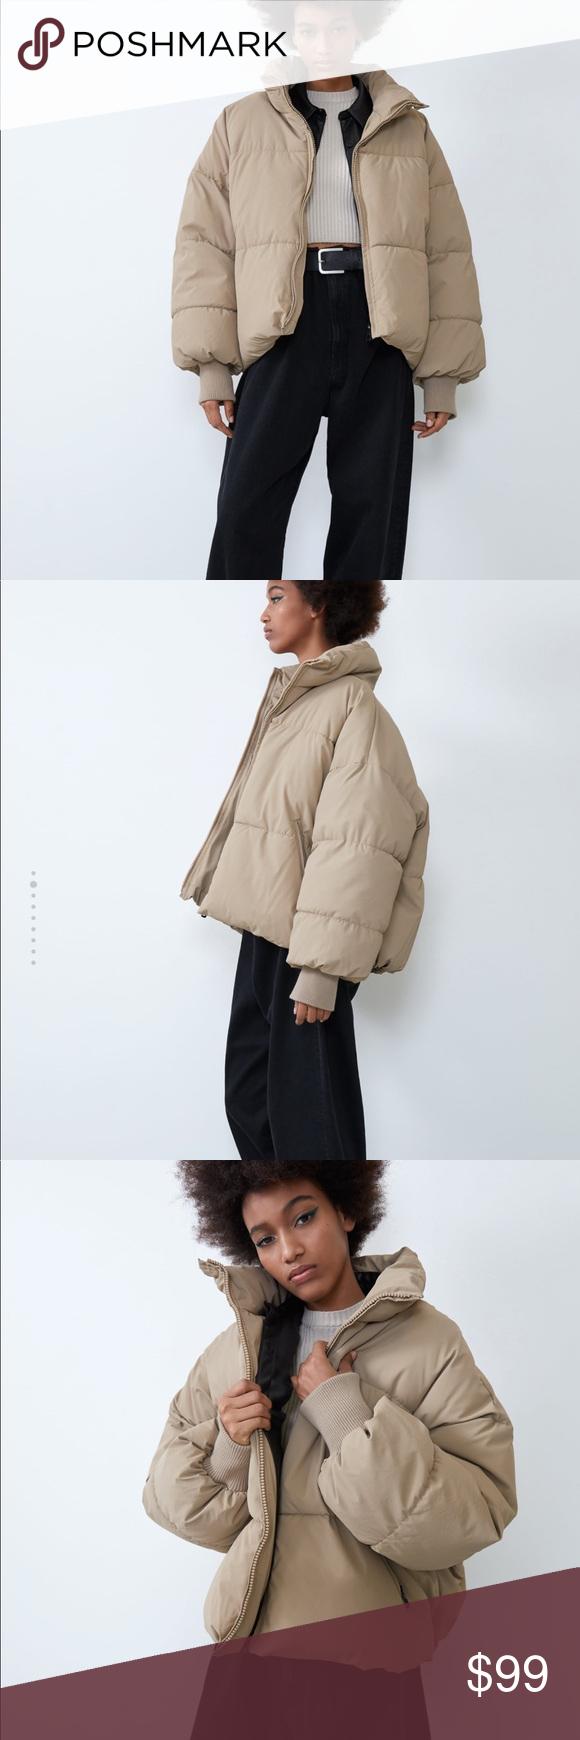 Zara Oversized Puffer Jacket Coat S Khaki Recycled Jackets Oversized Puffer Jacket Zara [ 1740 x 580 Pixel ]